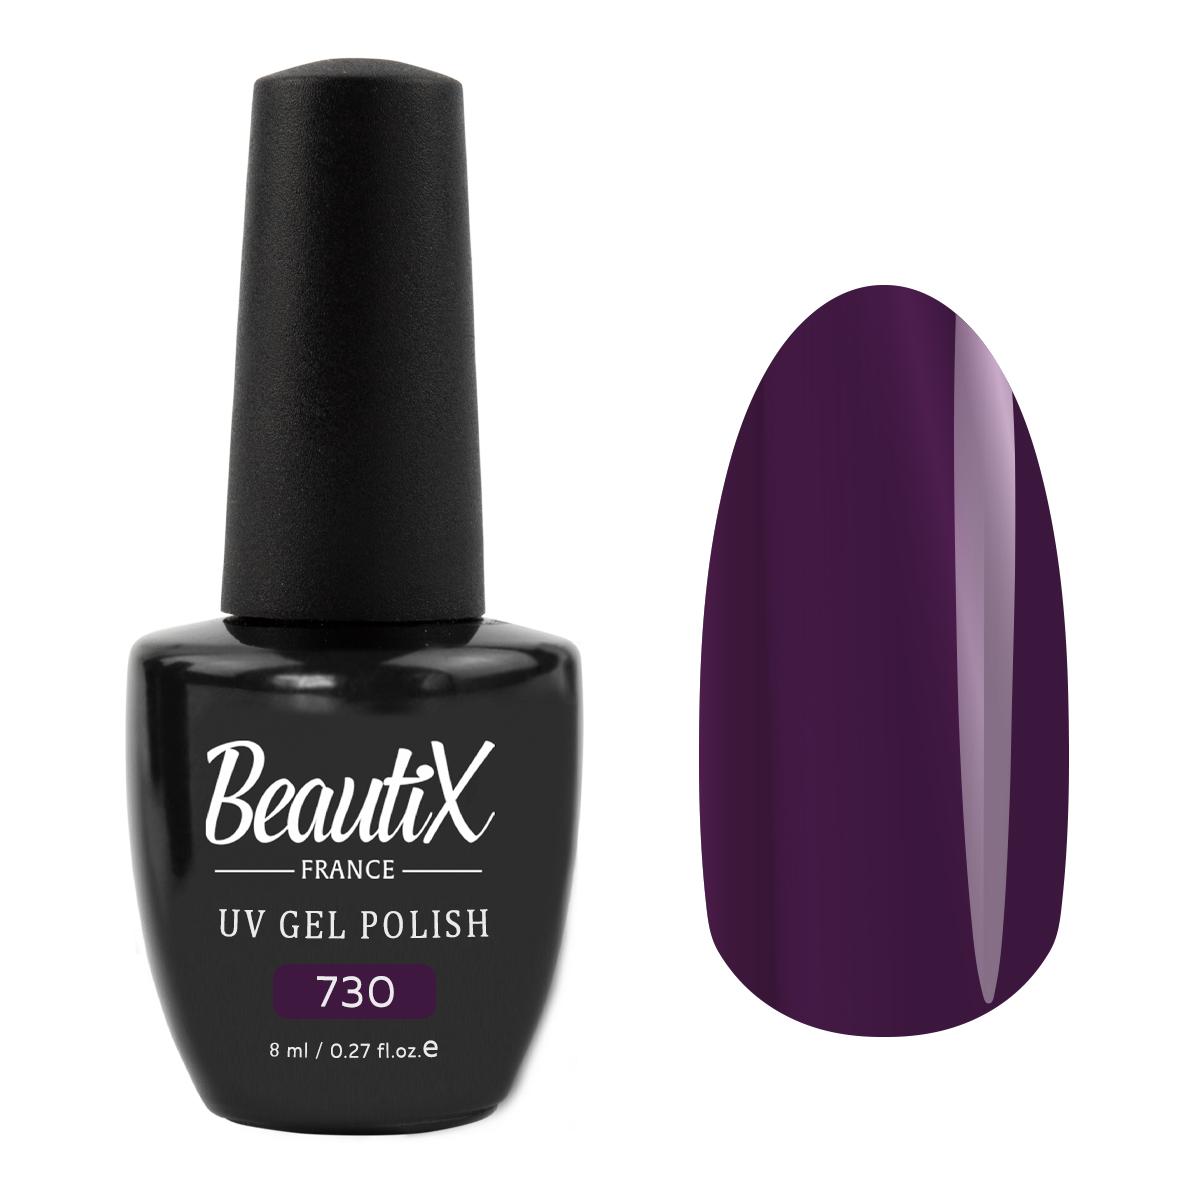 Купить BEAUTIX 730 гель-лак для ногтей / LA SENSATION 8 мл, Фиолетовые